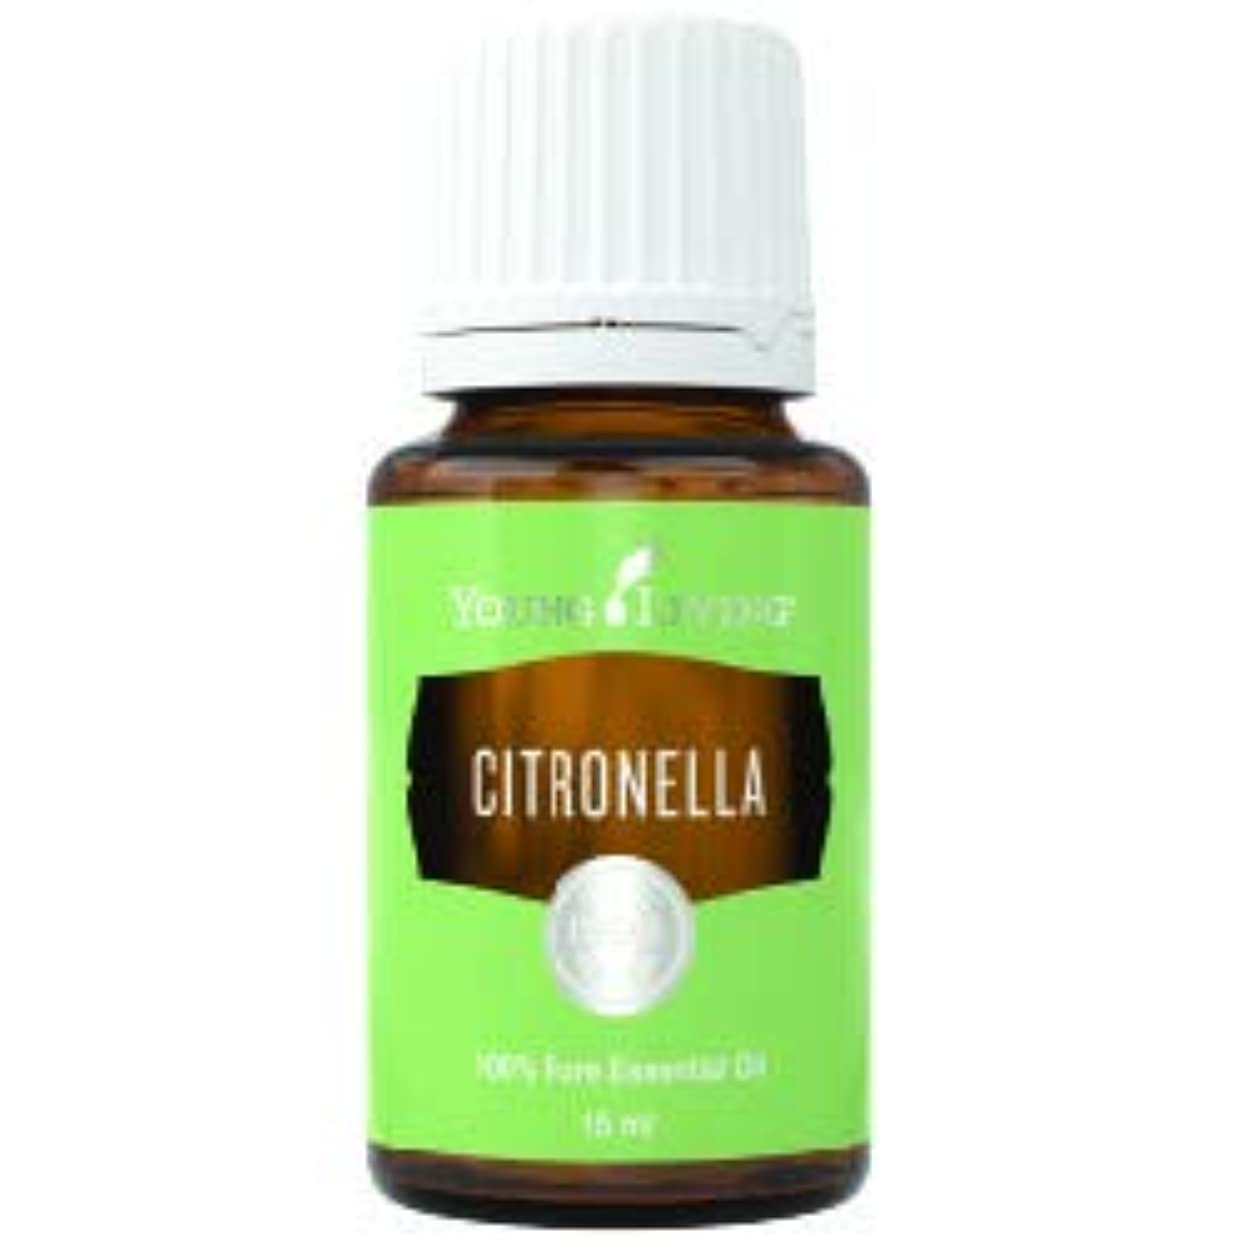 かんがい麺九時四十五分シトロネラエッセンシャルオイル15 ml byヤングリビングマレーシア Citronella Essential Oil 15 ml by Young Living Malaysia